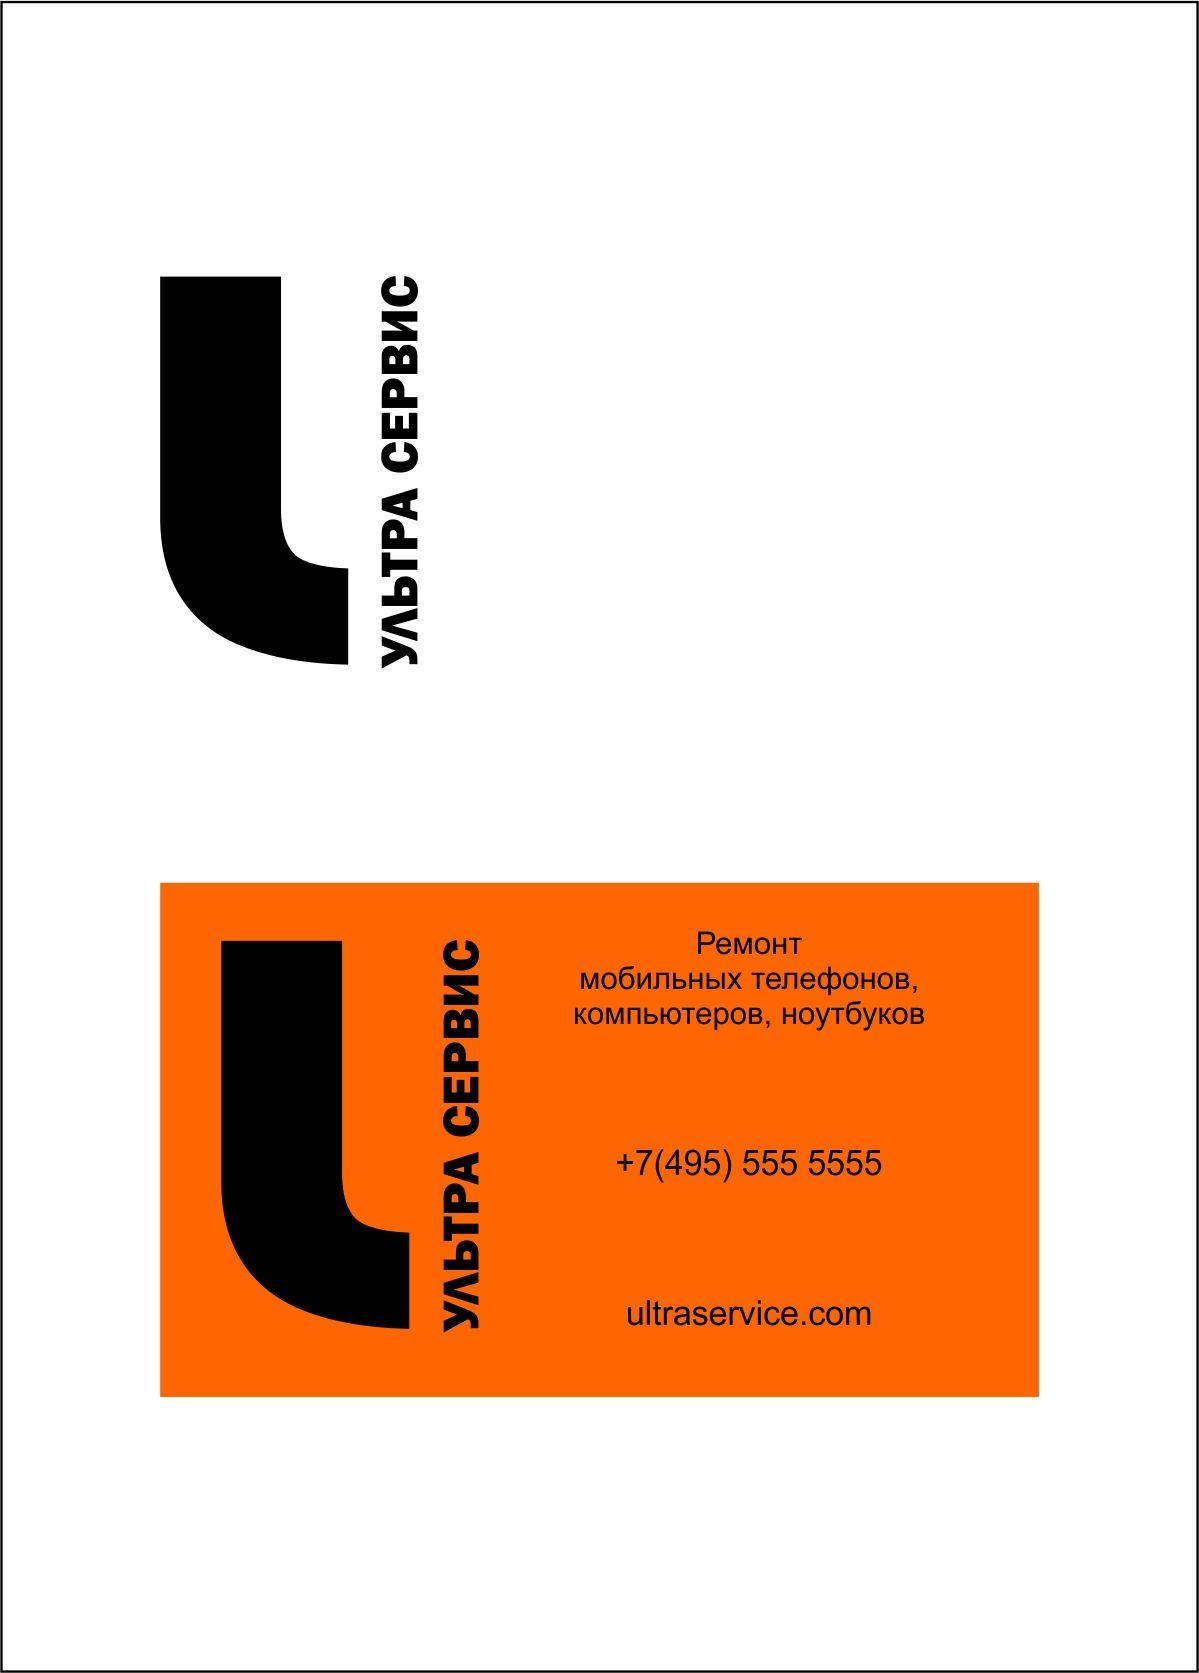 Логотип и фирменный стиль сервисного центра - дизайнер Krasivayav